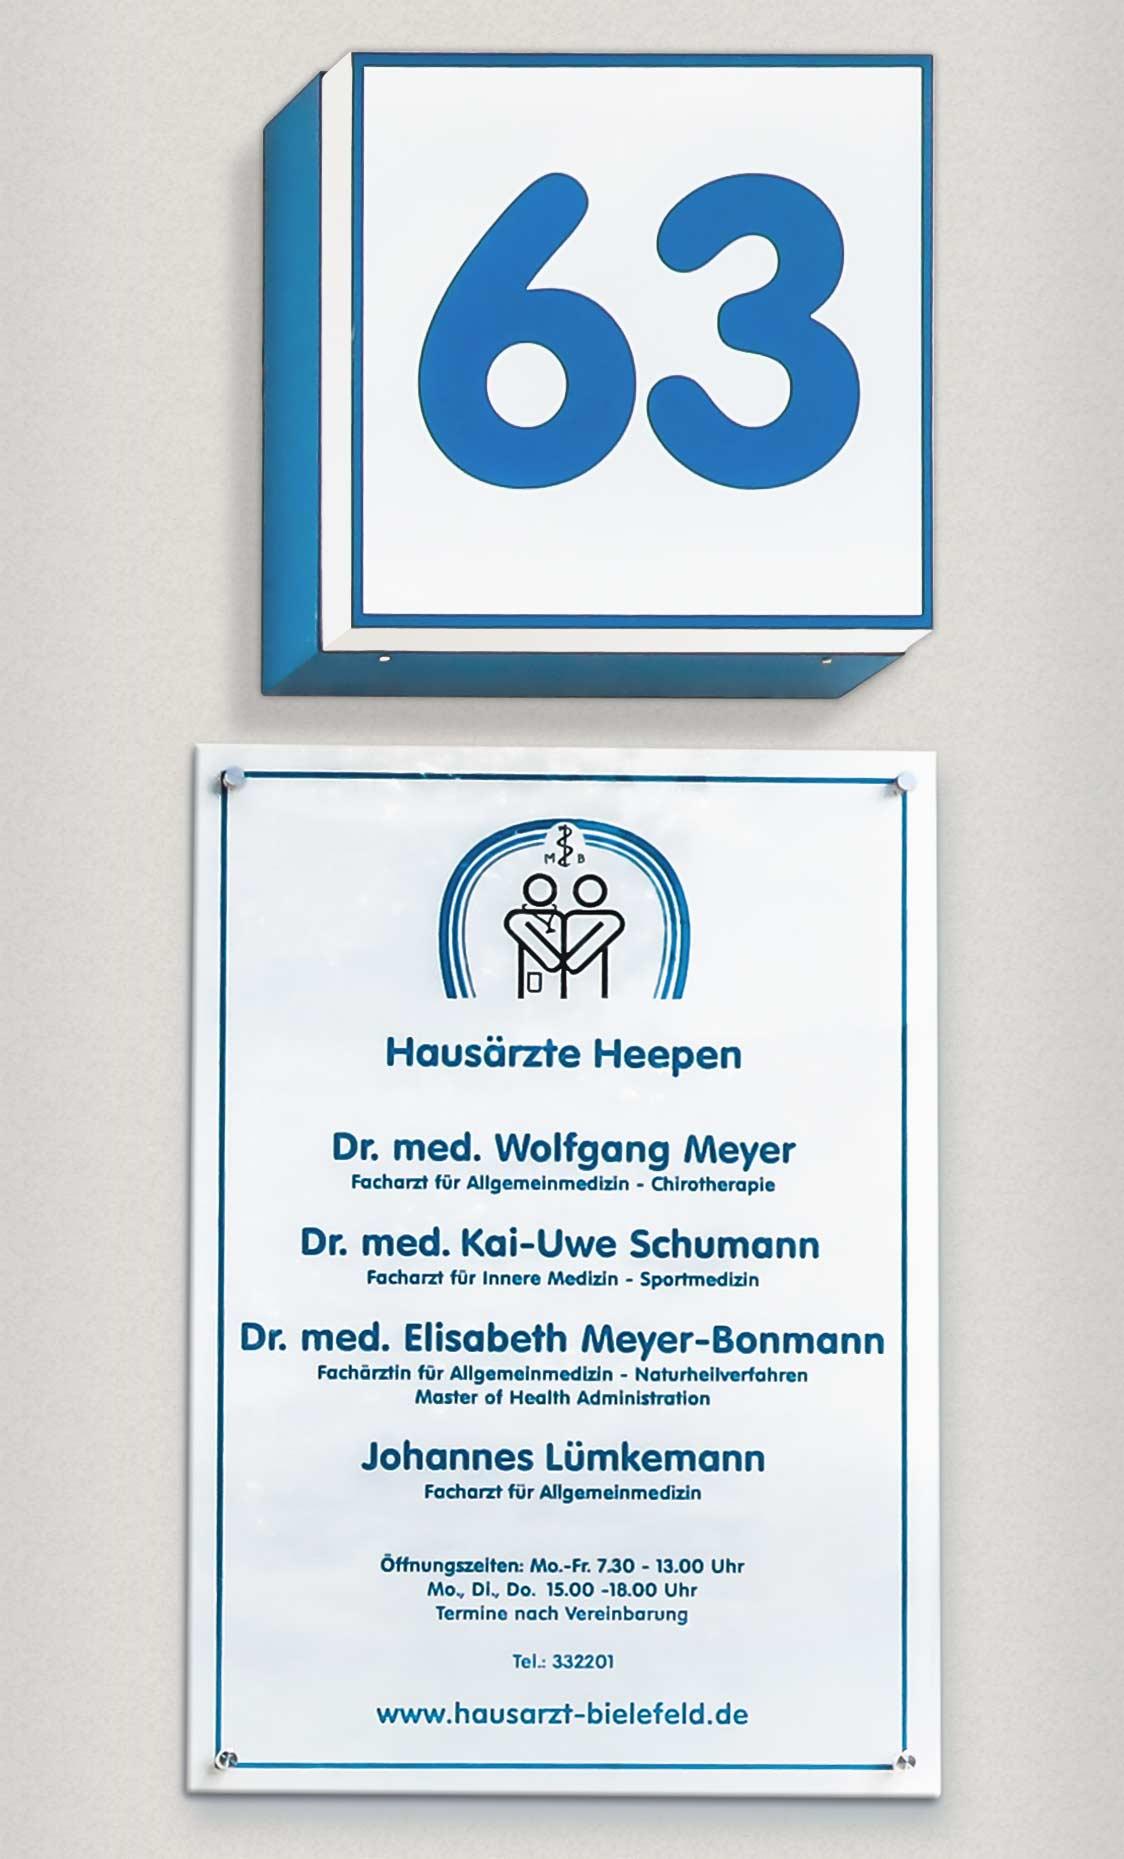 Der Eingang der Hausarzt-Praxis Salzuflerstrasse 63 in Bielefeld